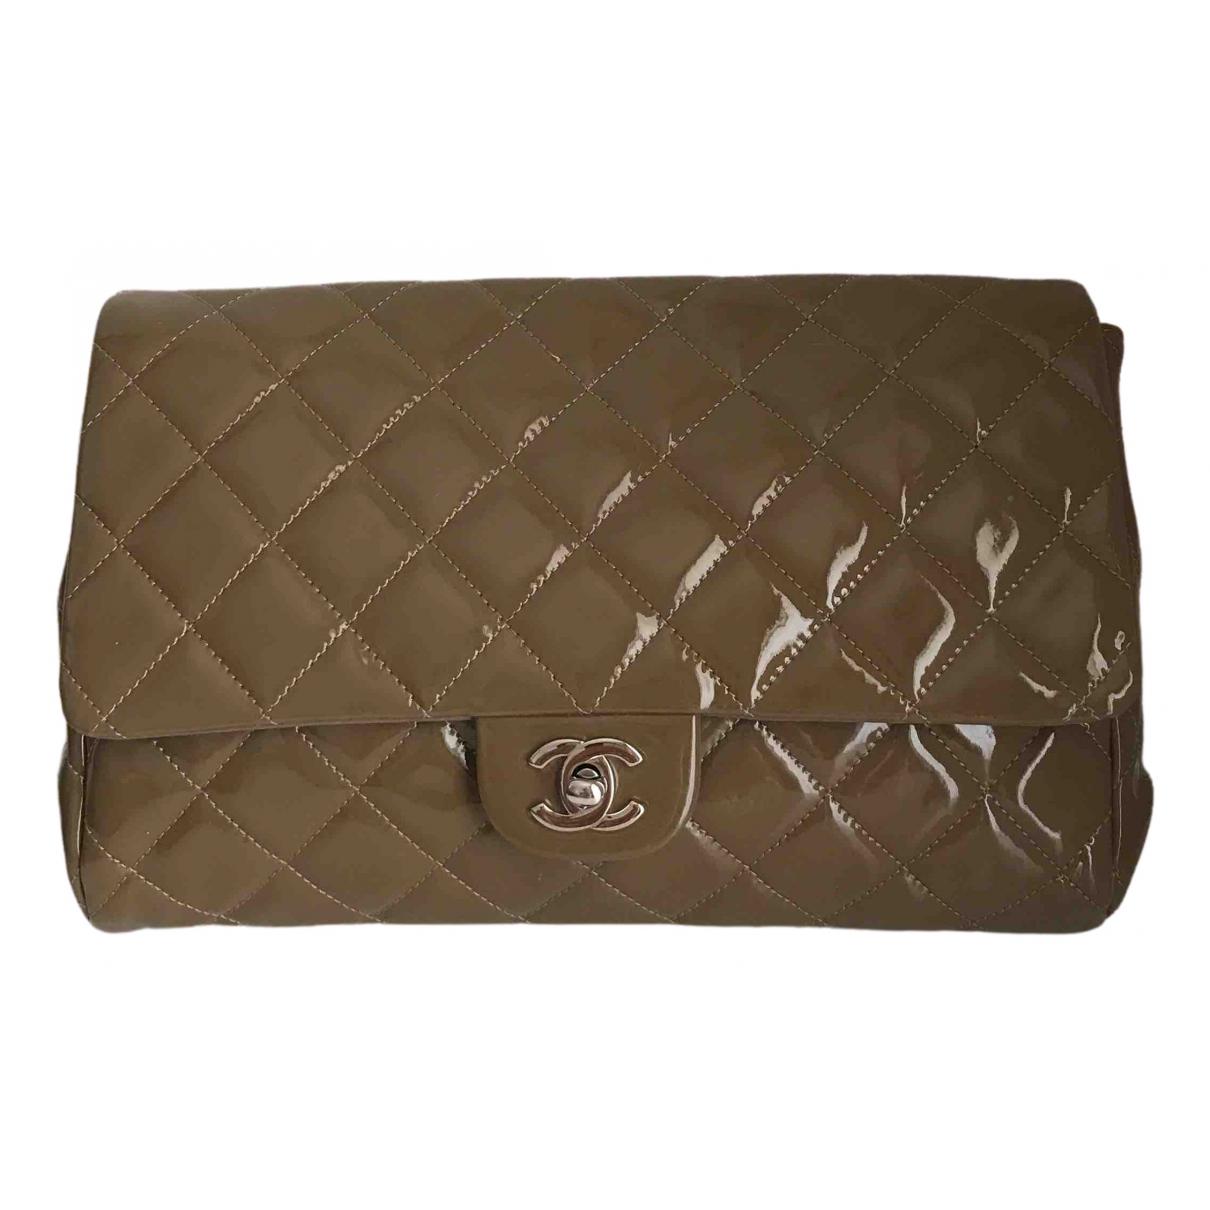 Chanel - Sac a main Timeless/Classique pour femme en cuir verni - marron